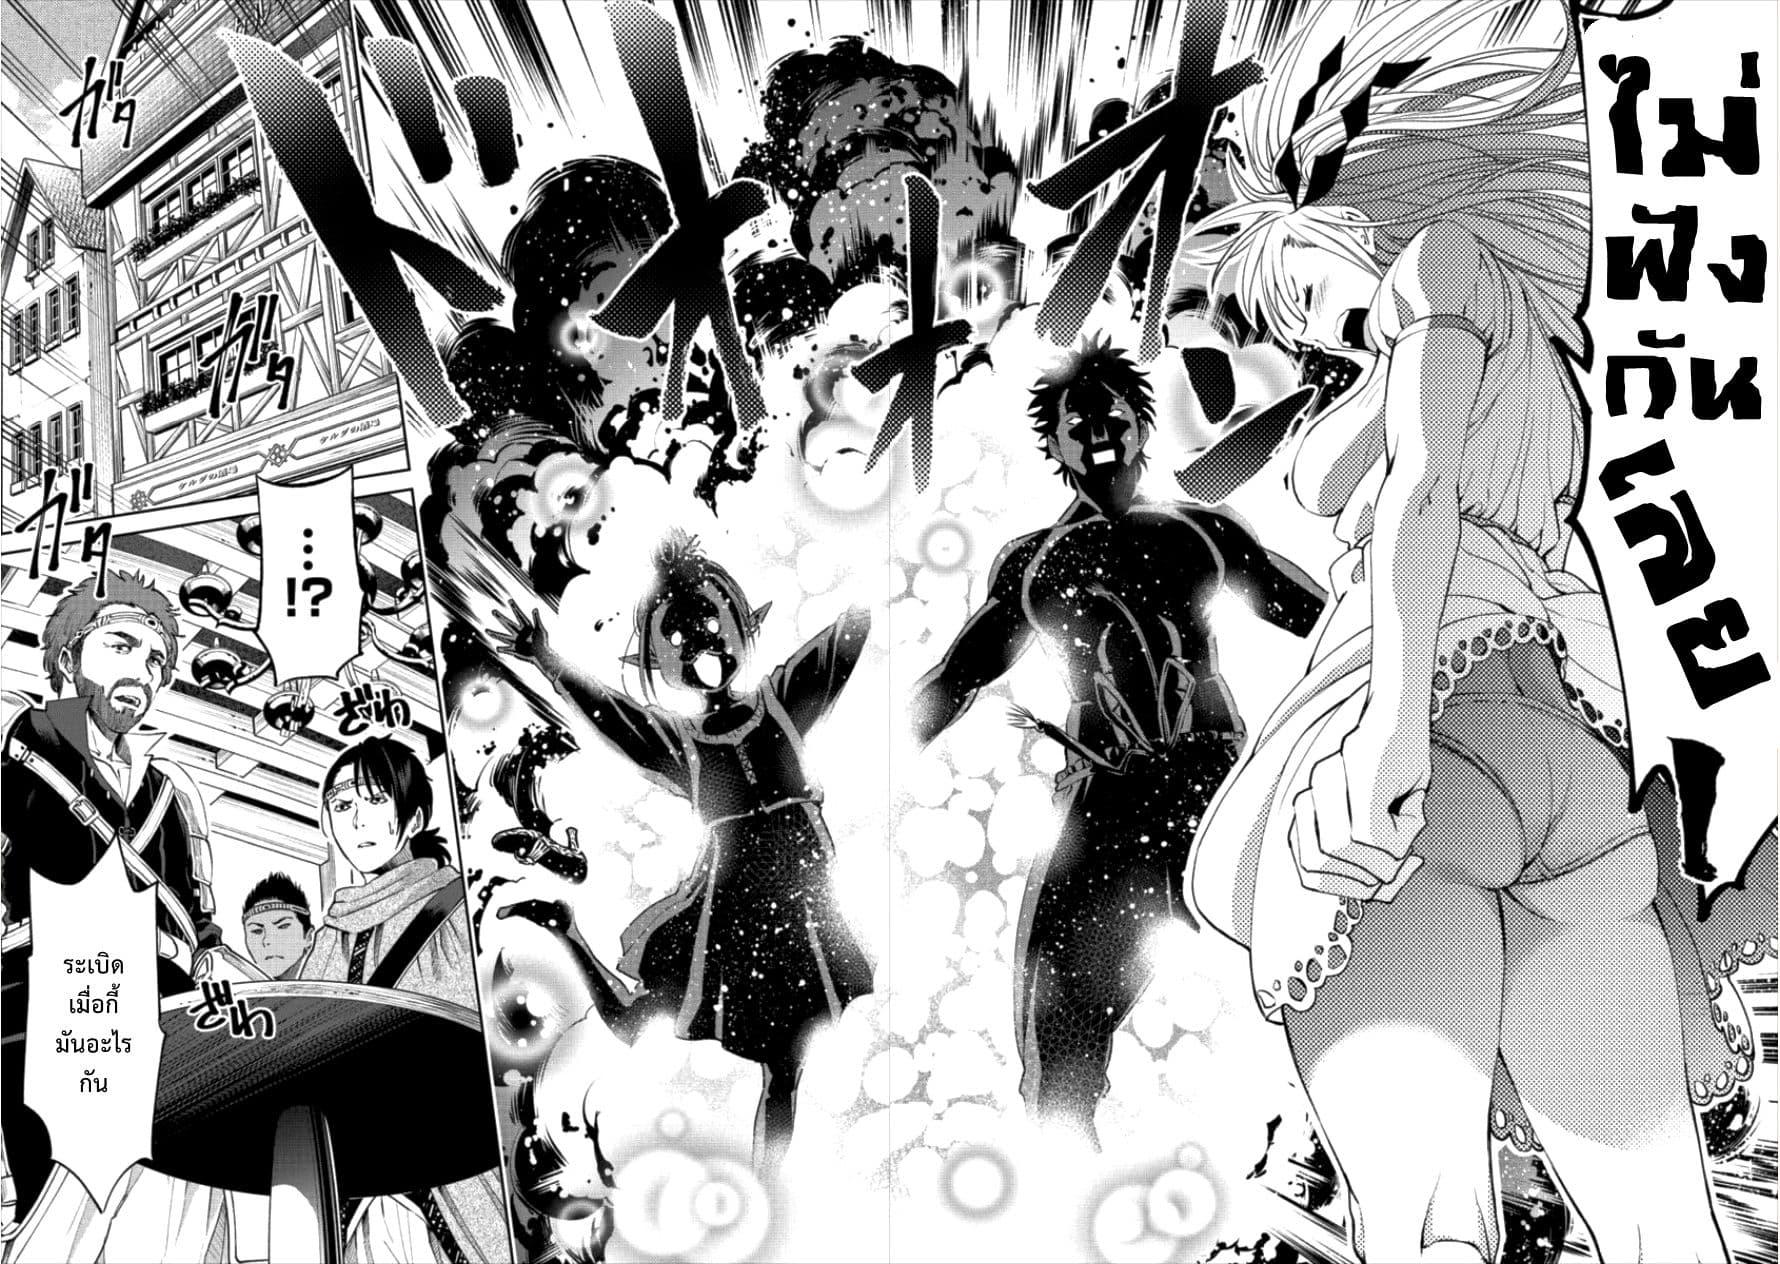 อ่านการ์ตูน Sekai ni Hitotsudake no R ตอนที่ 2 หน้าที่ 14